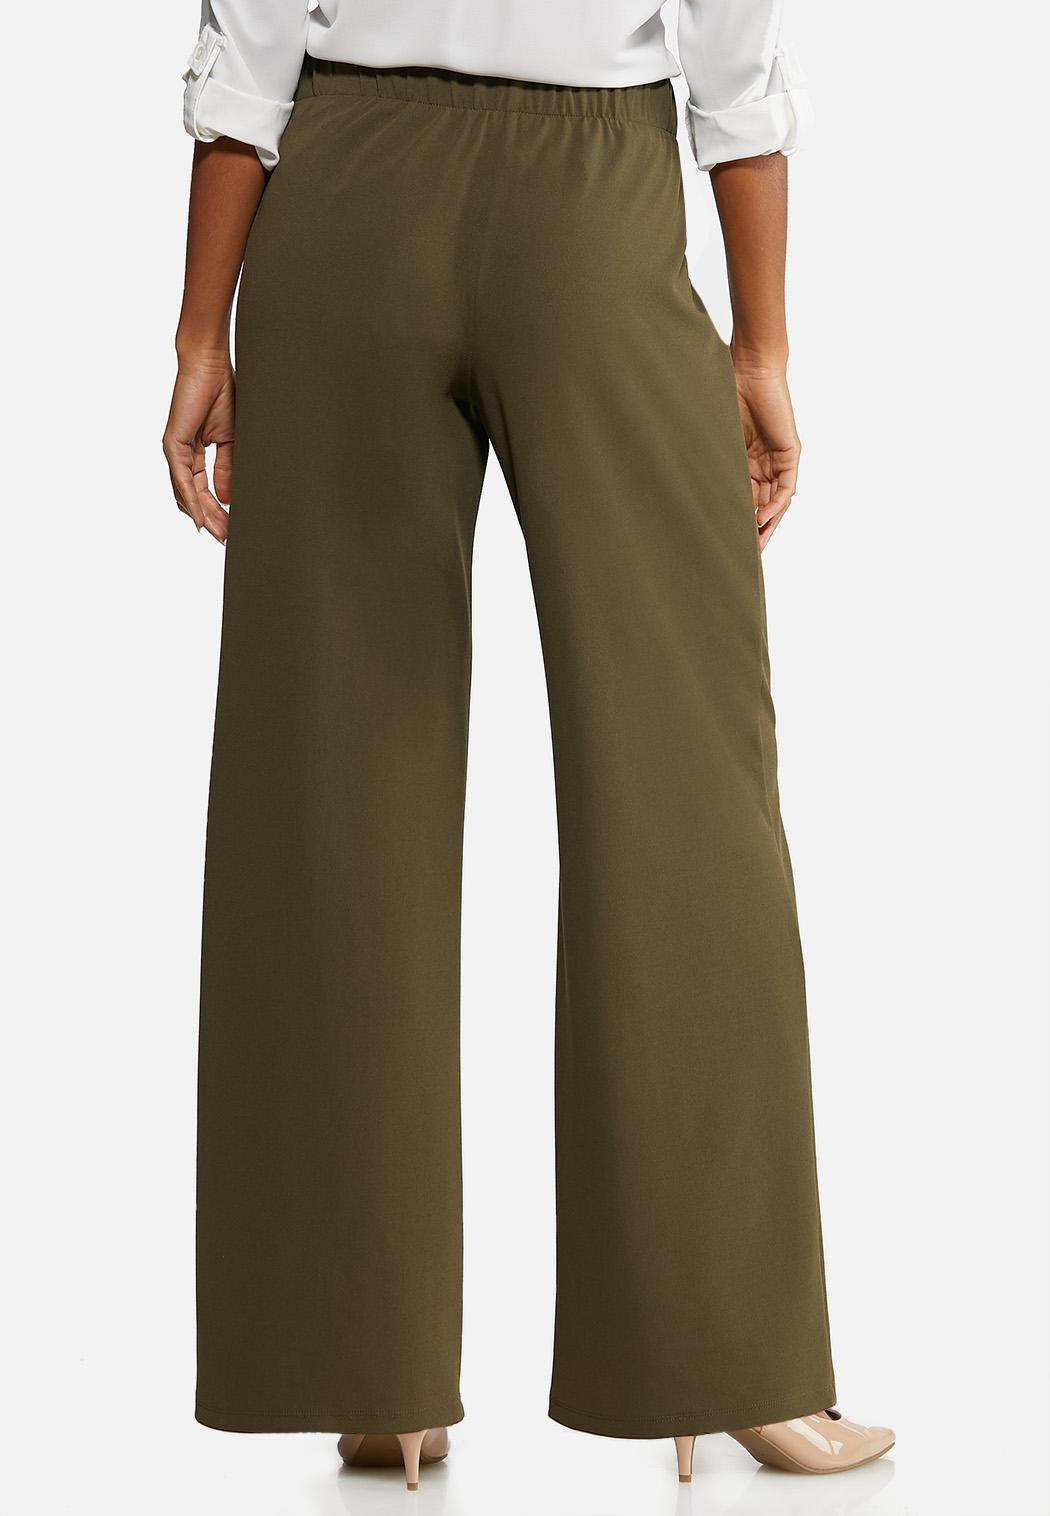 Petite Wide Leg Button Pants (Item #44076611)